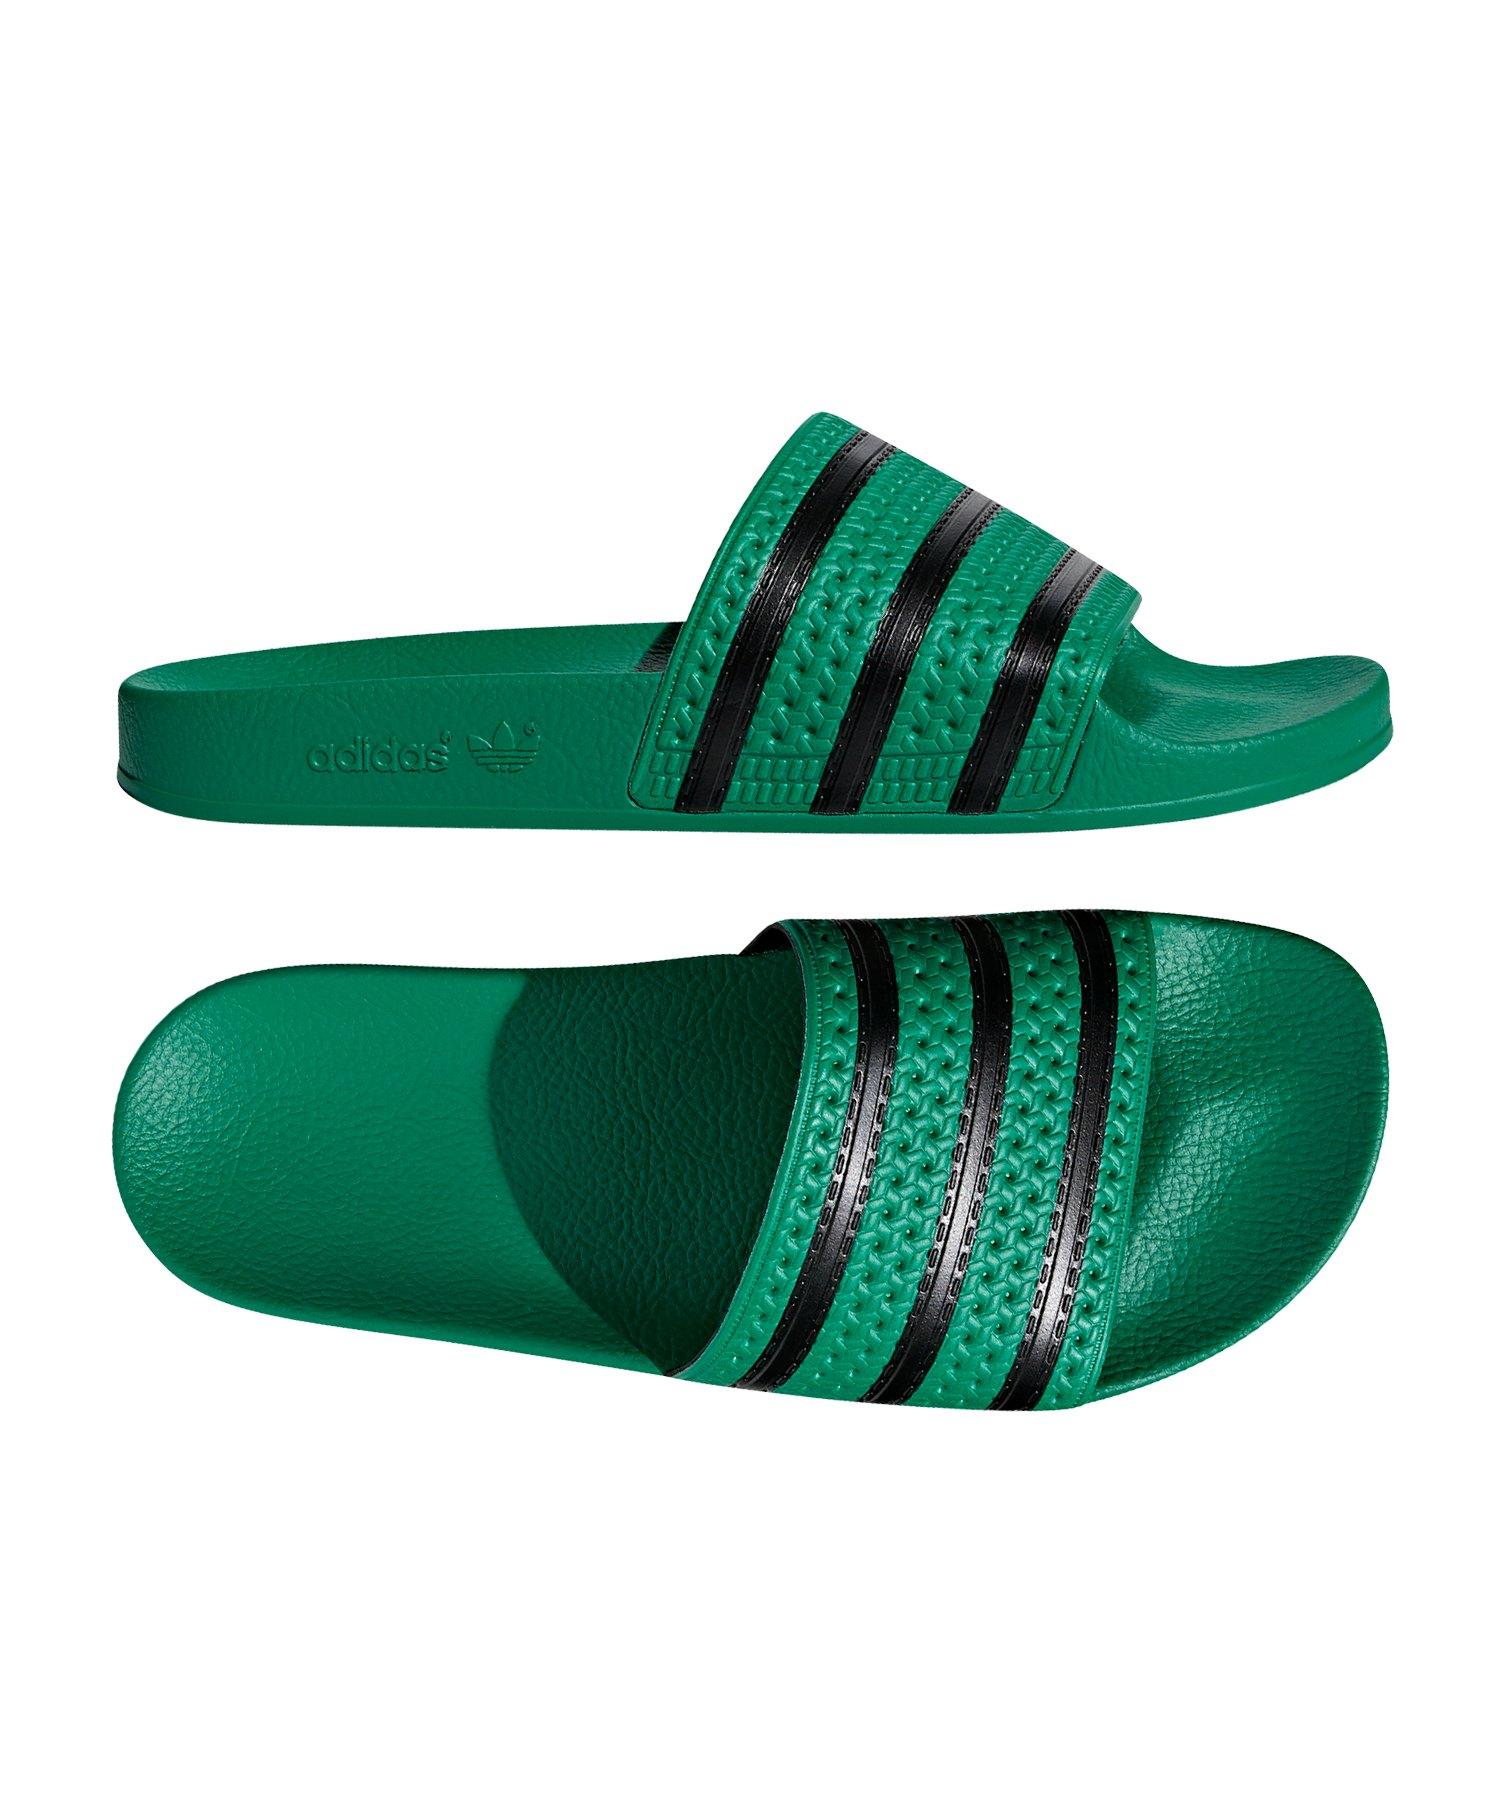 adidas Originals Adilette Badelatsche Damen Grün Kleidung